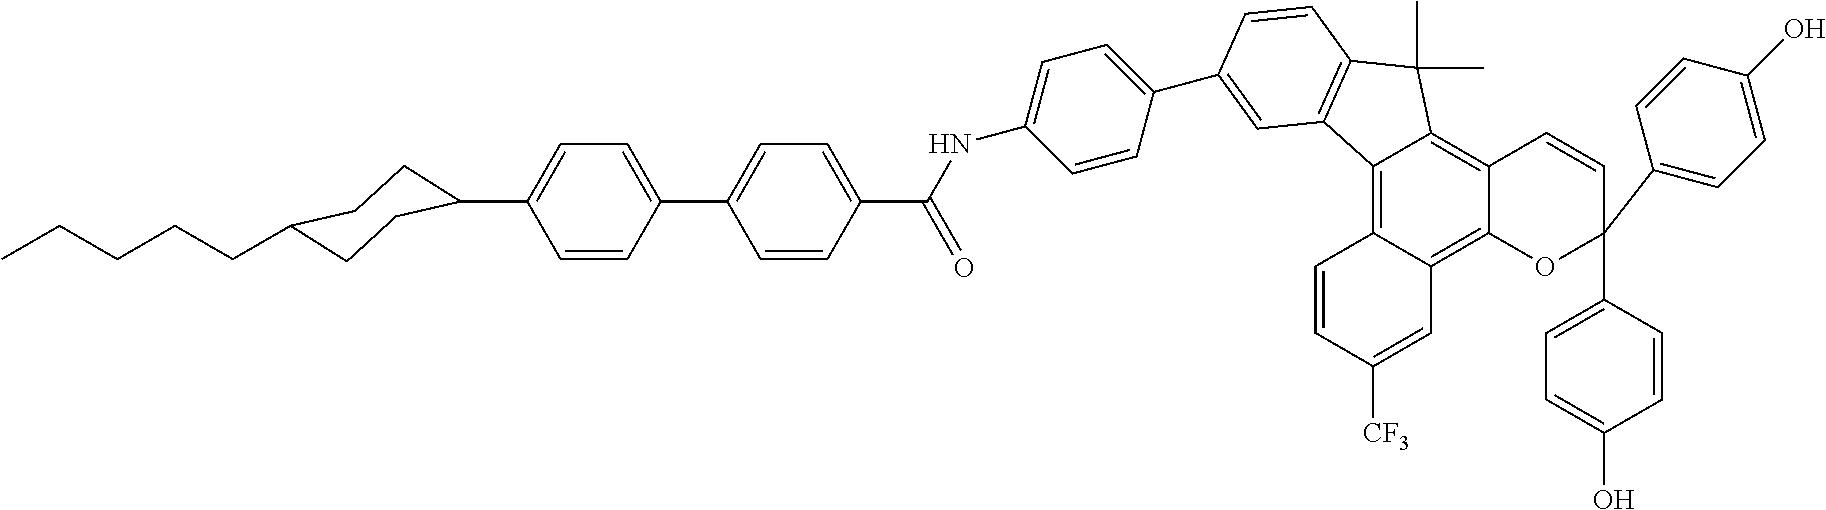 Figure US08545984-20131001-C00041